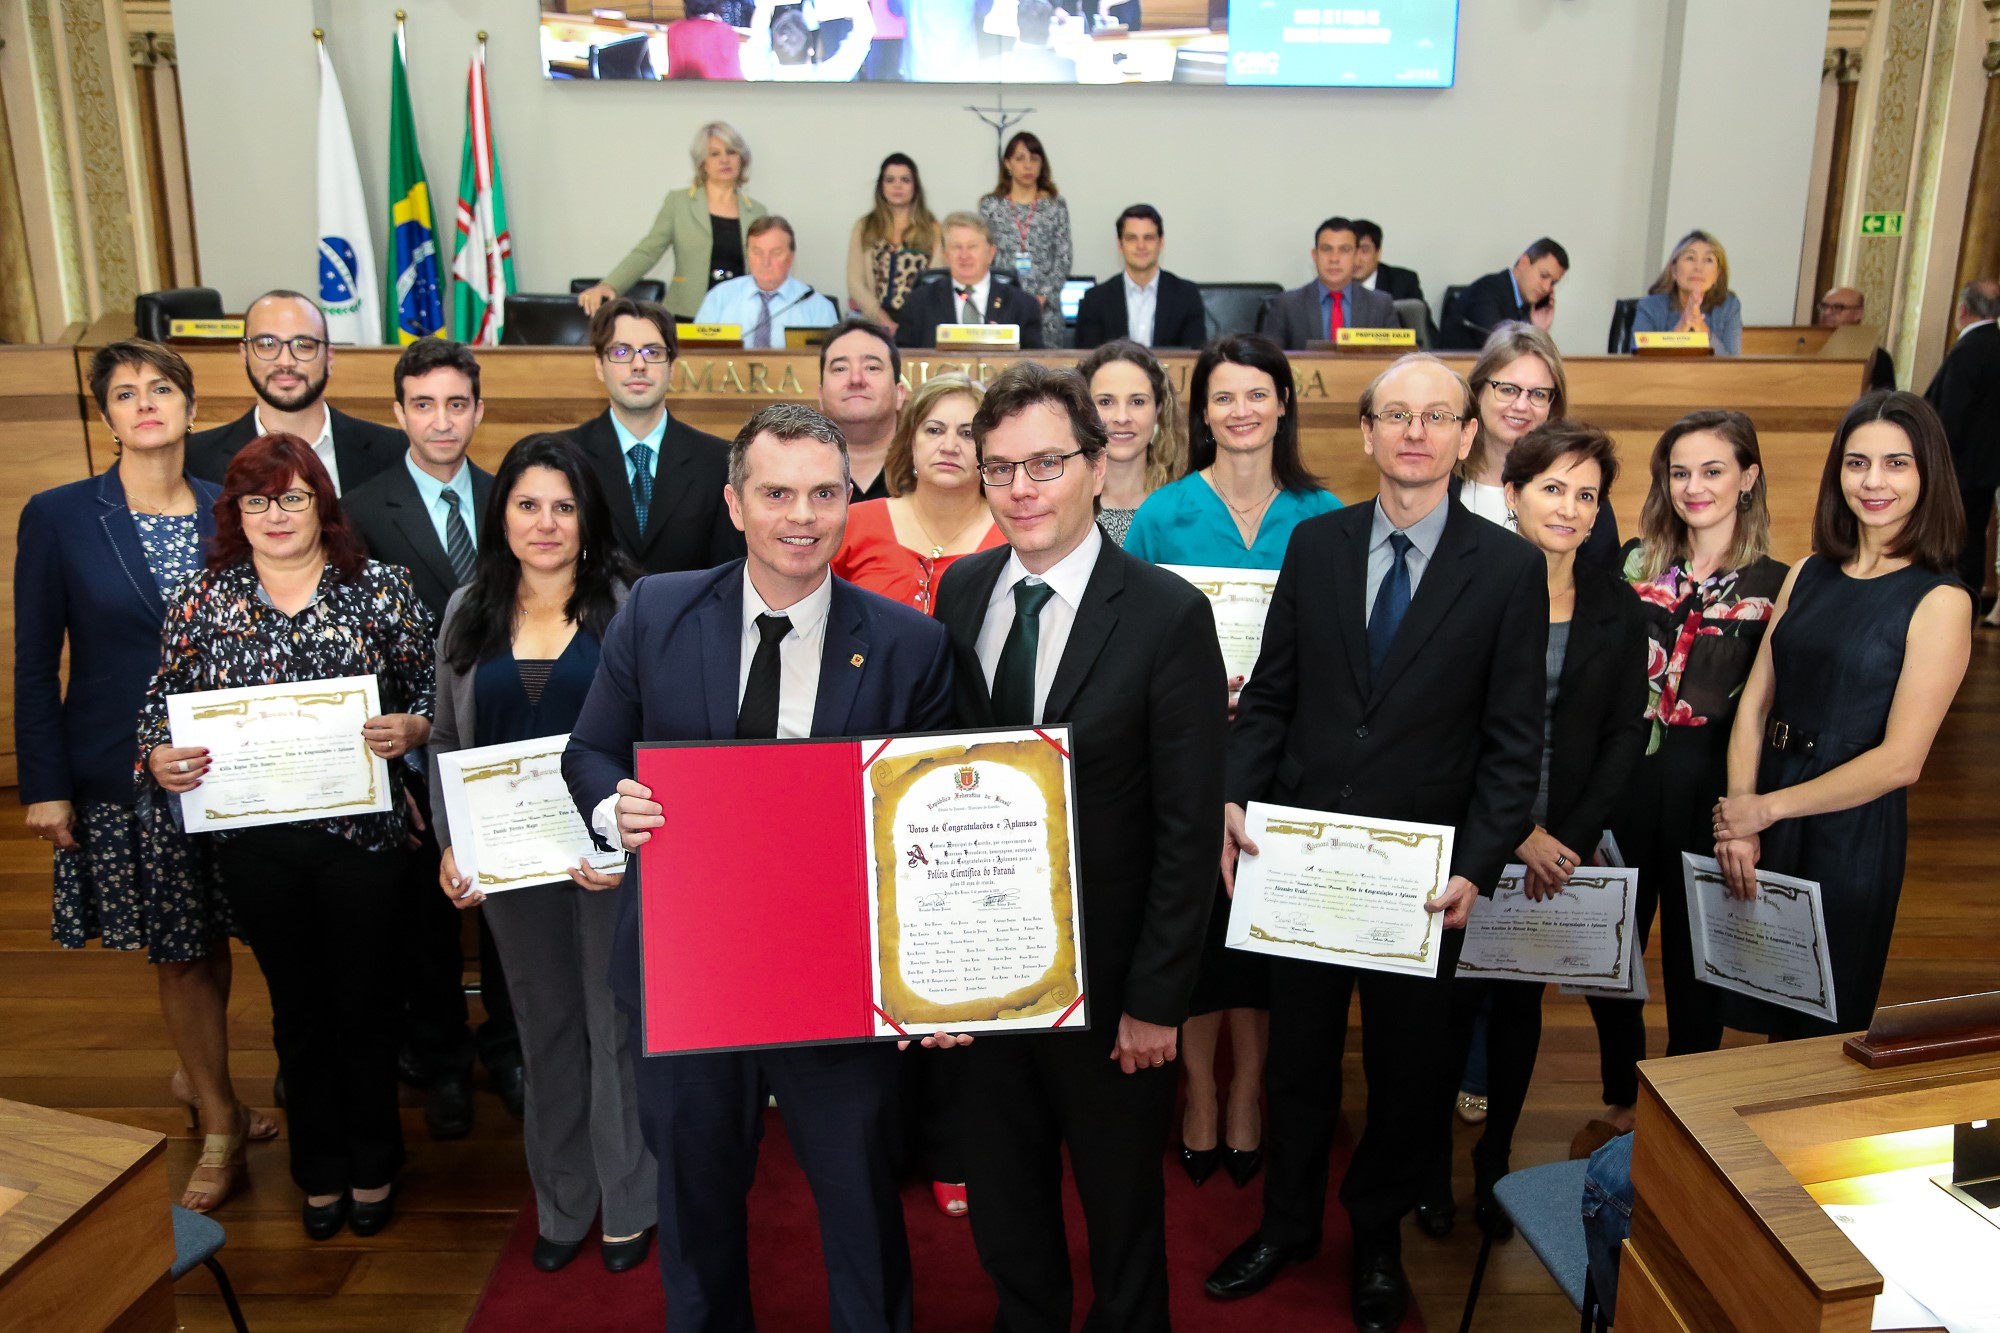 Vereadores de Curitiba homenageiam Polícia Científica - Bruno Pessuti